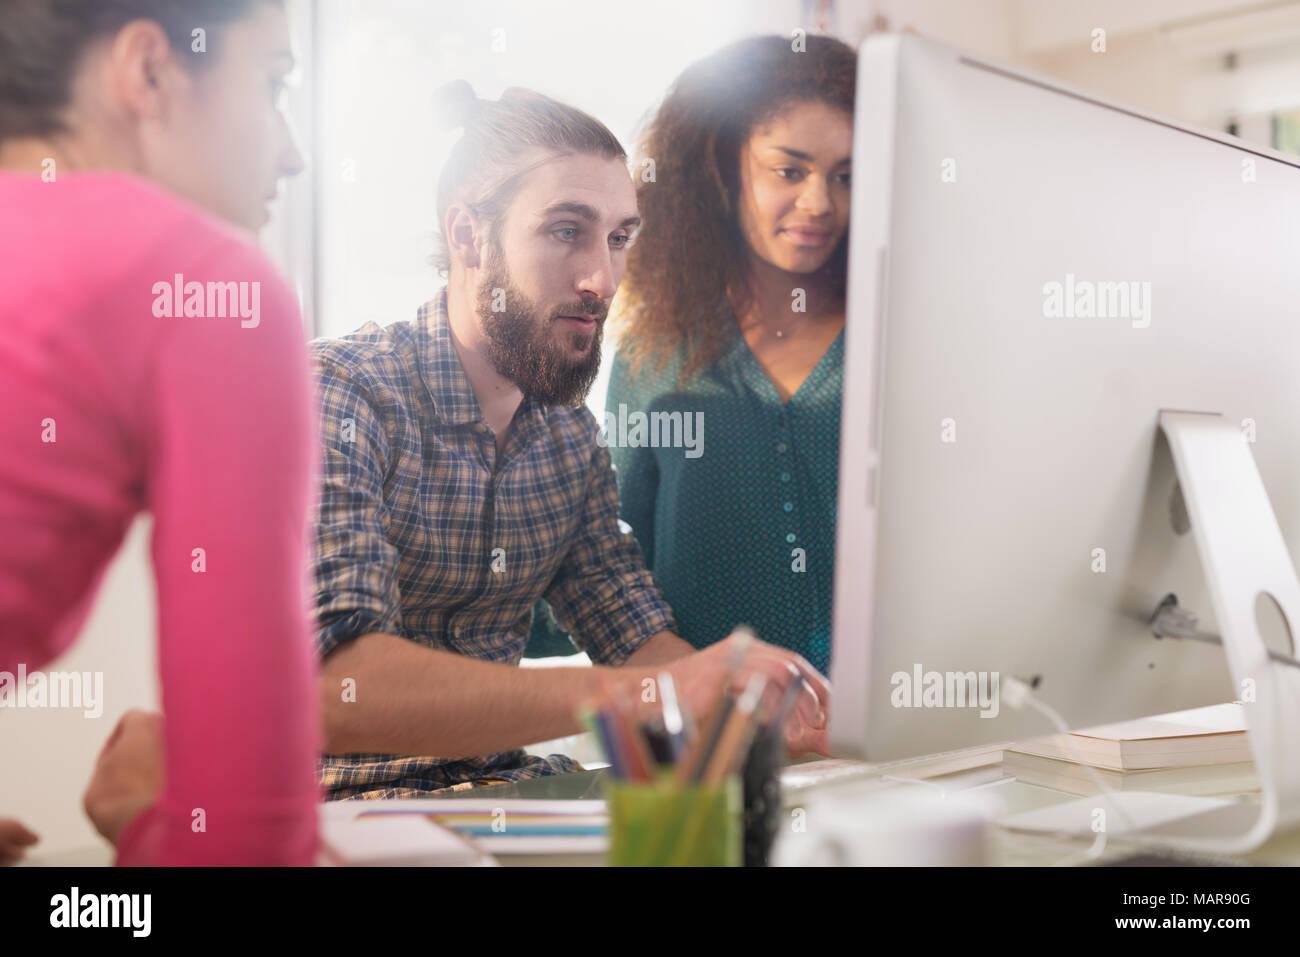 Riunione di lavoro nella parte anteriore del computer per condividere idee sul progetto Immagini Stock